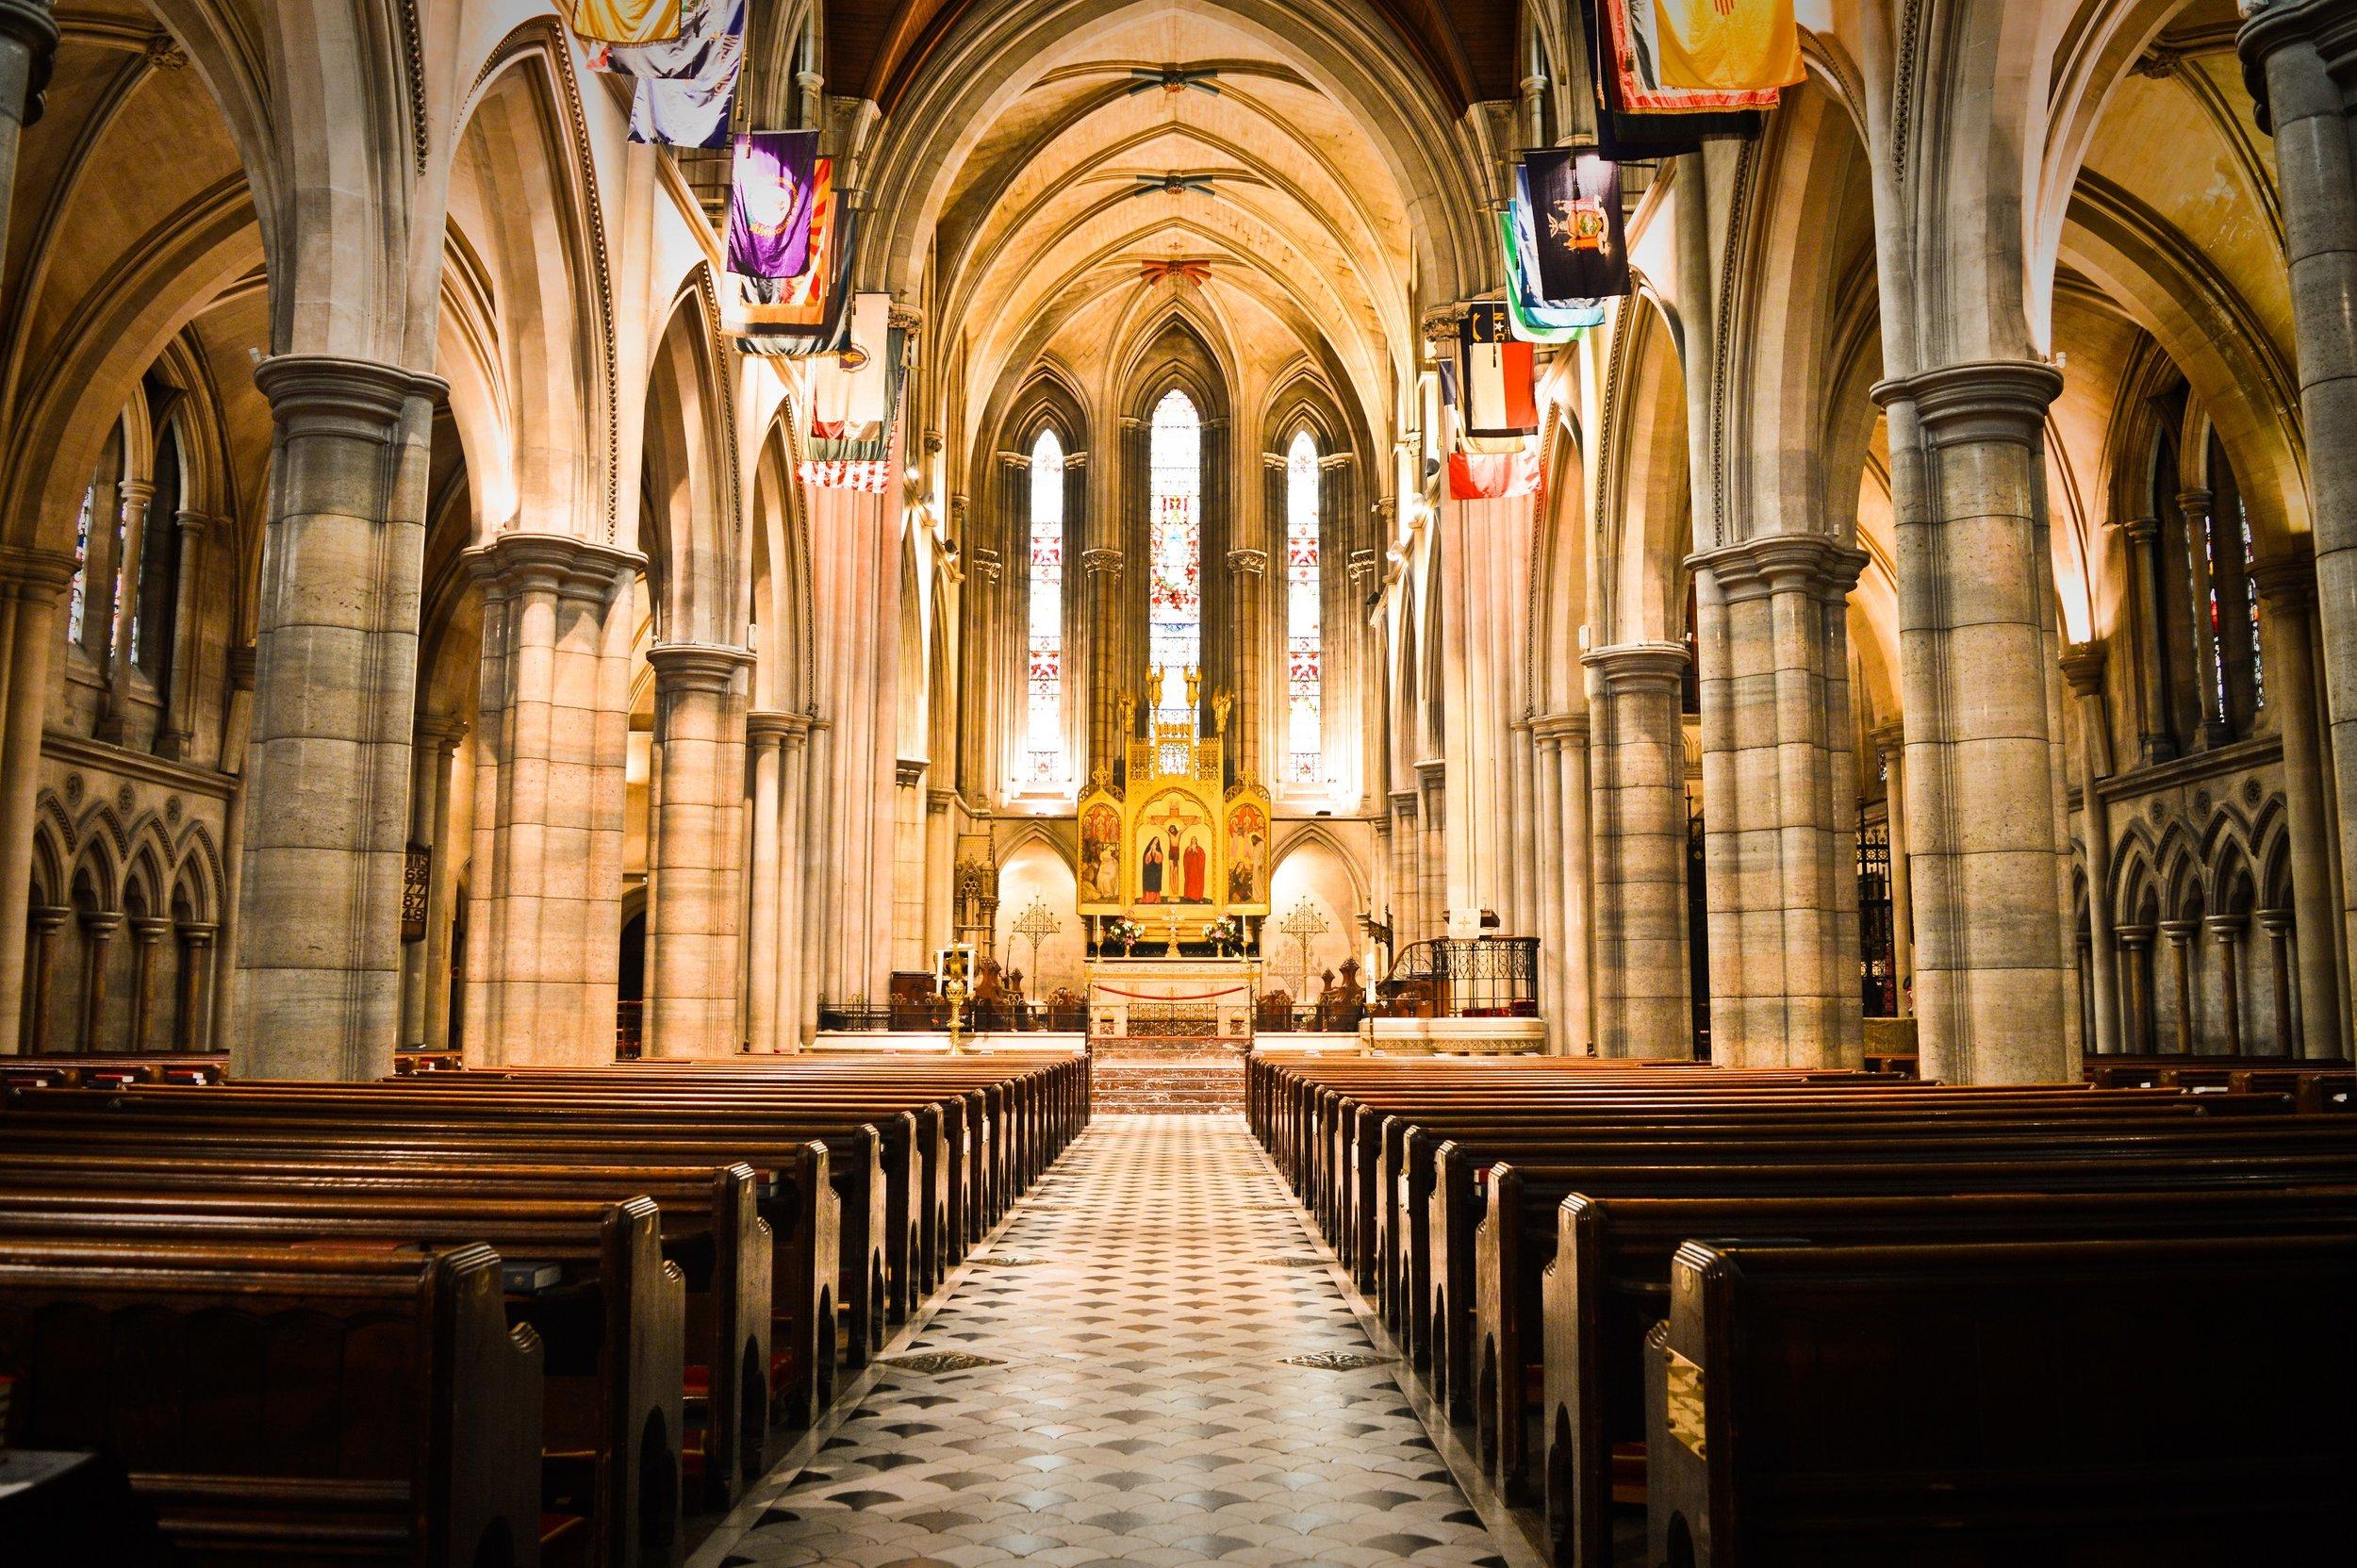 CathedraleInterior_Reduced.jpg